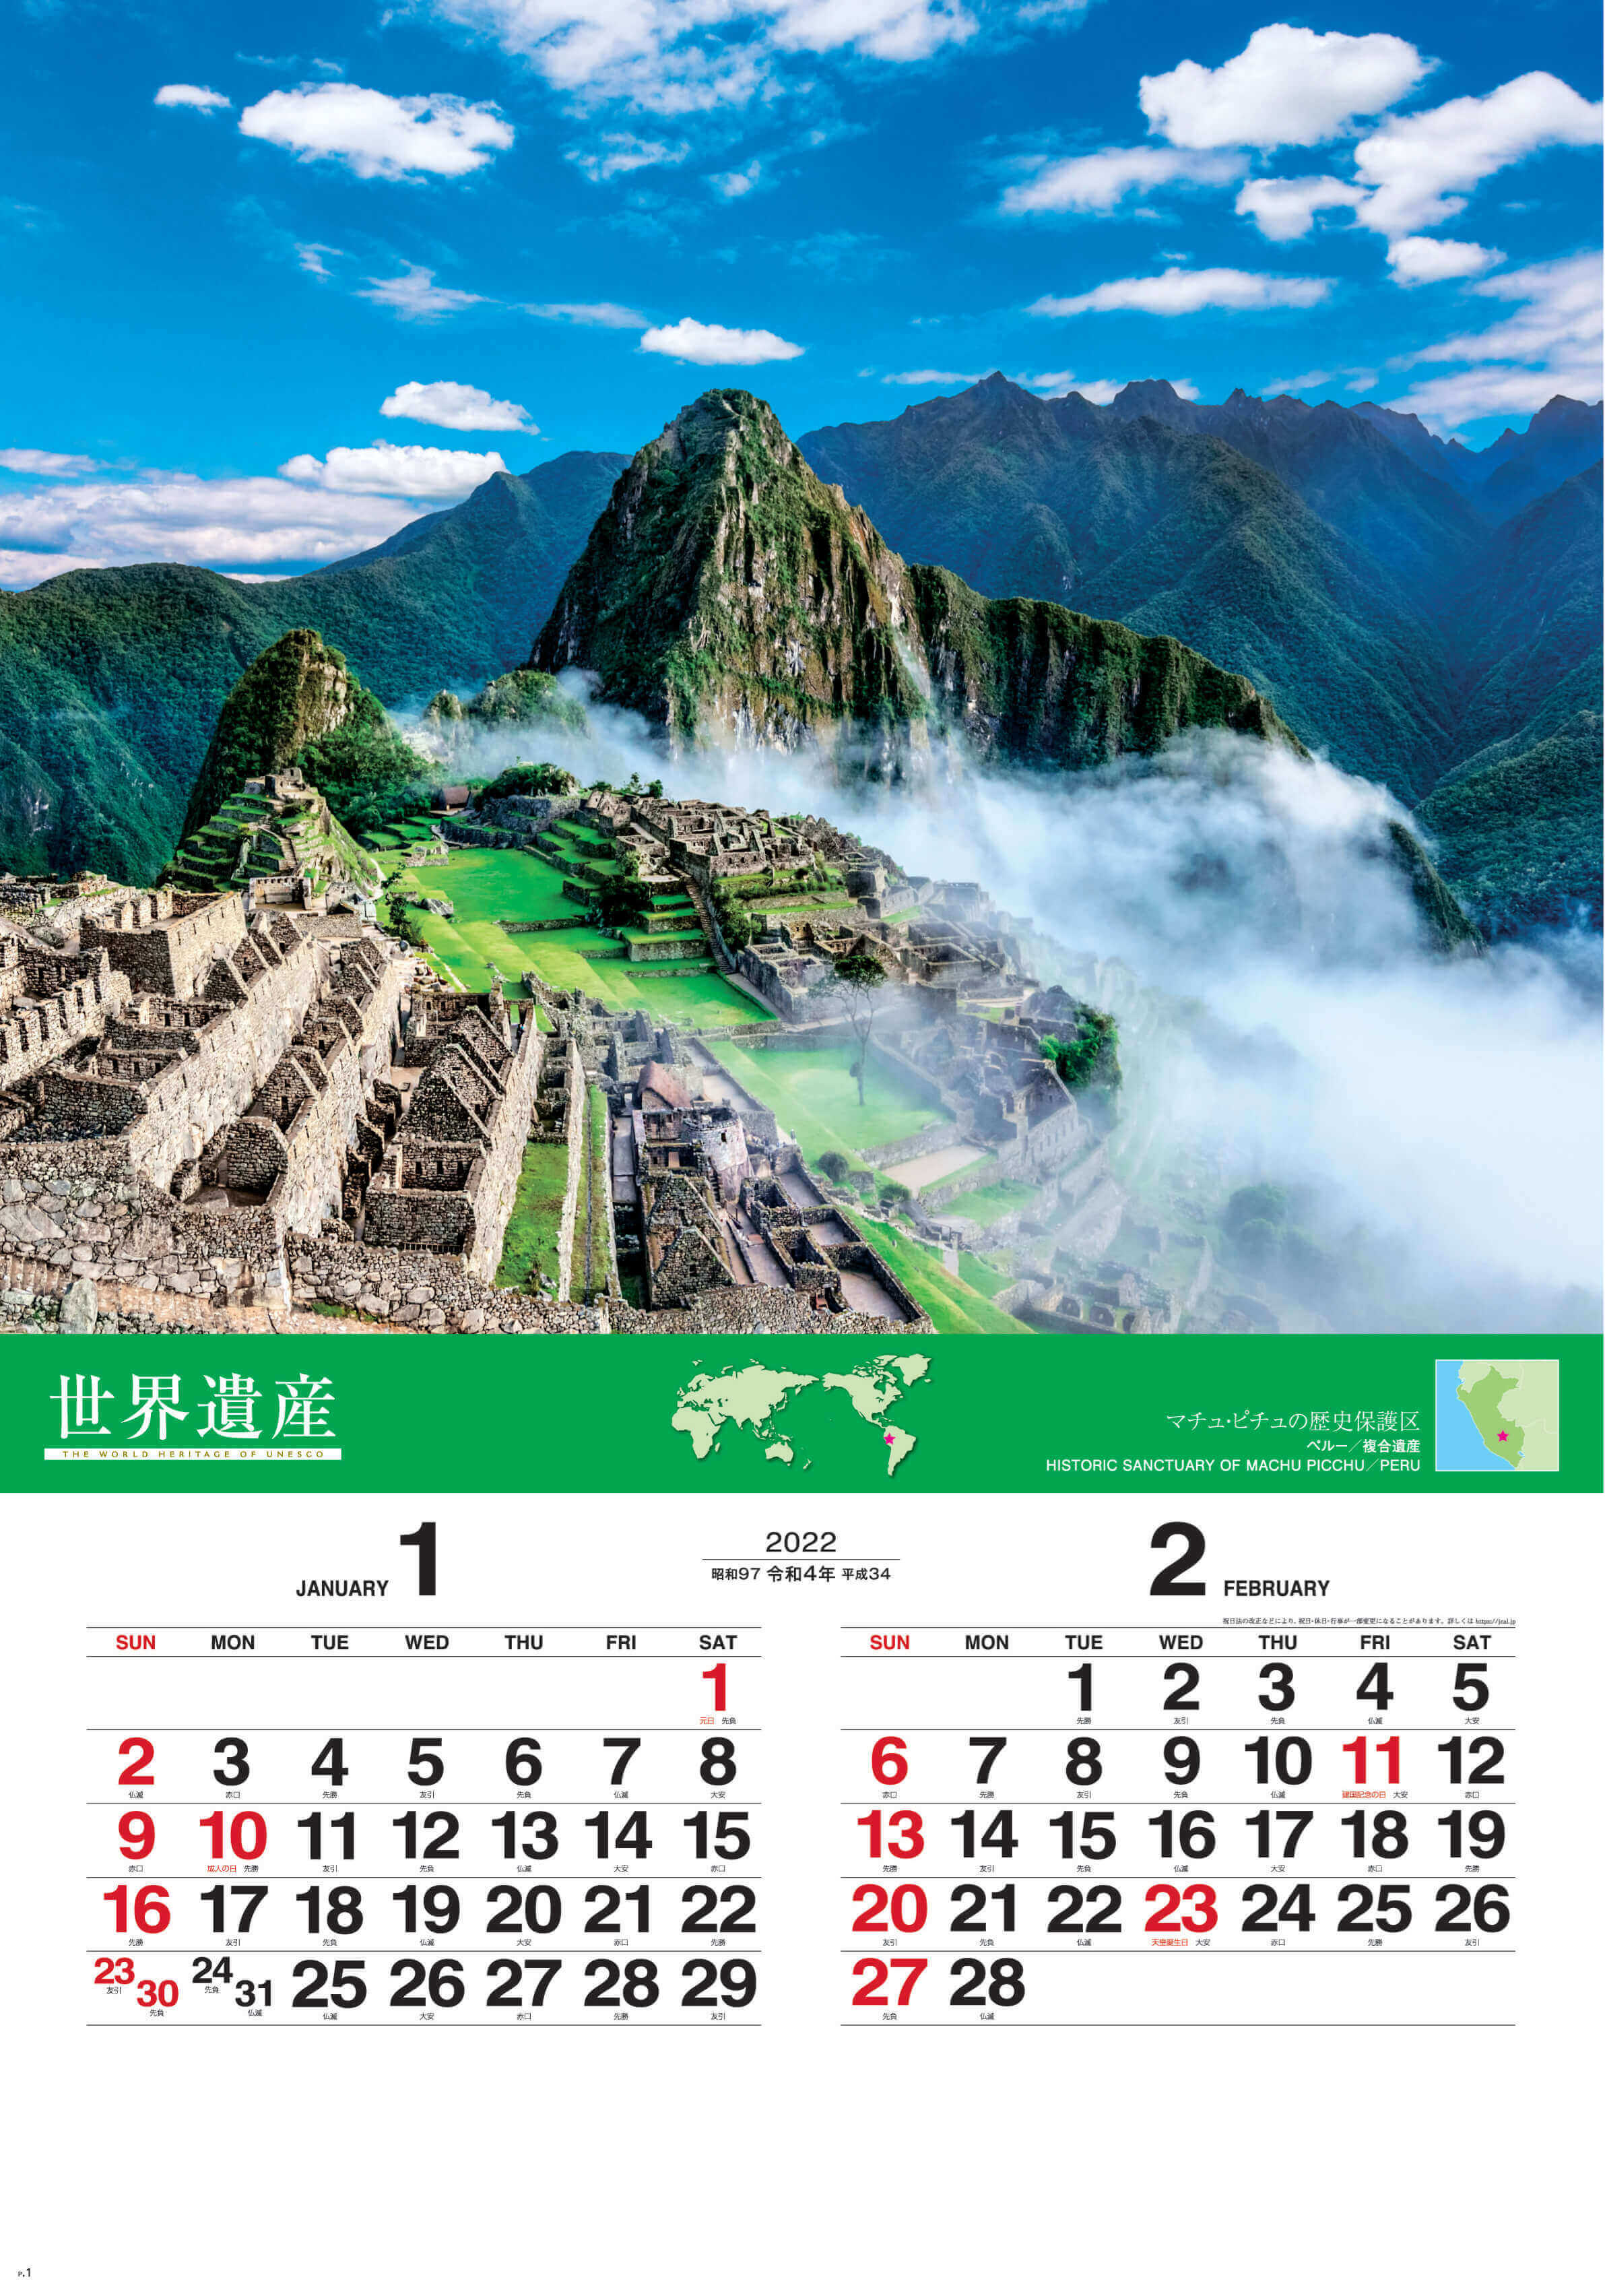 1-2月 マチュ・ピチュ歴史保護区 ペルー ユネスコ世界遺産(フィルムカレンダー) 2022年カレンダーの画像